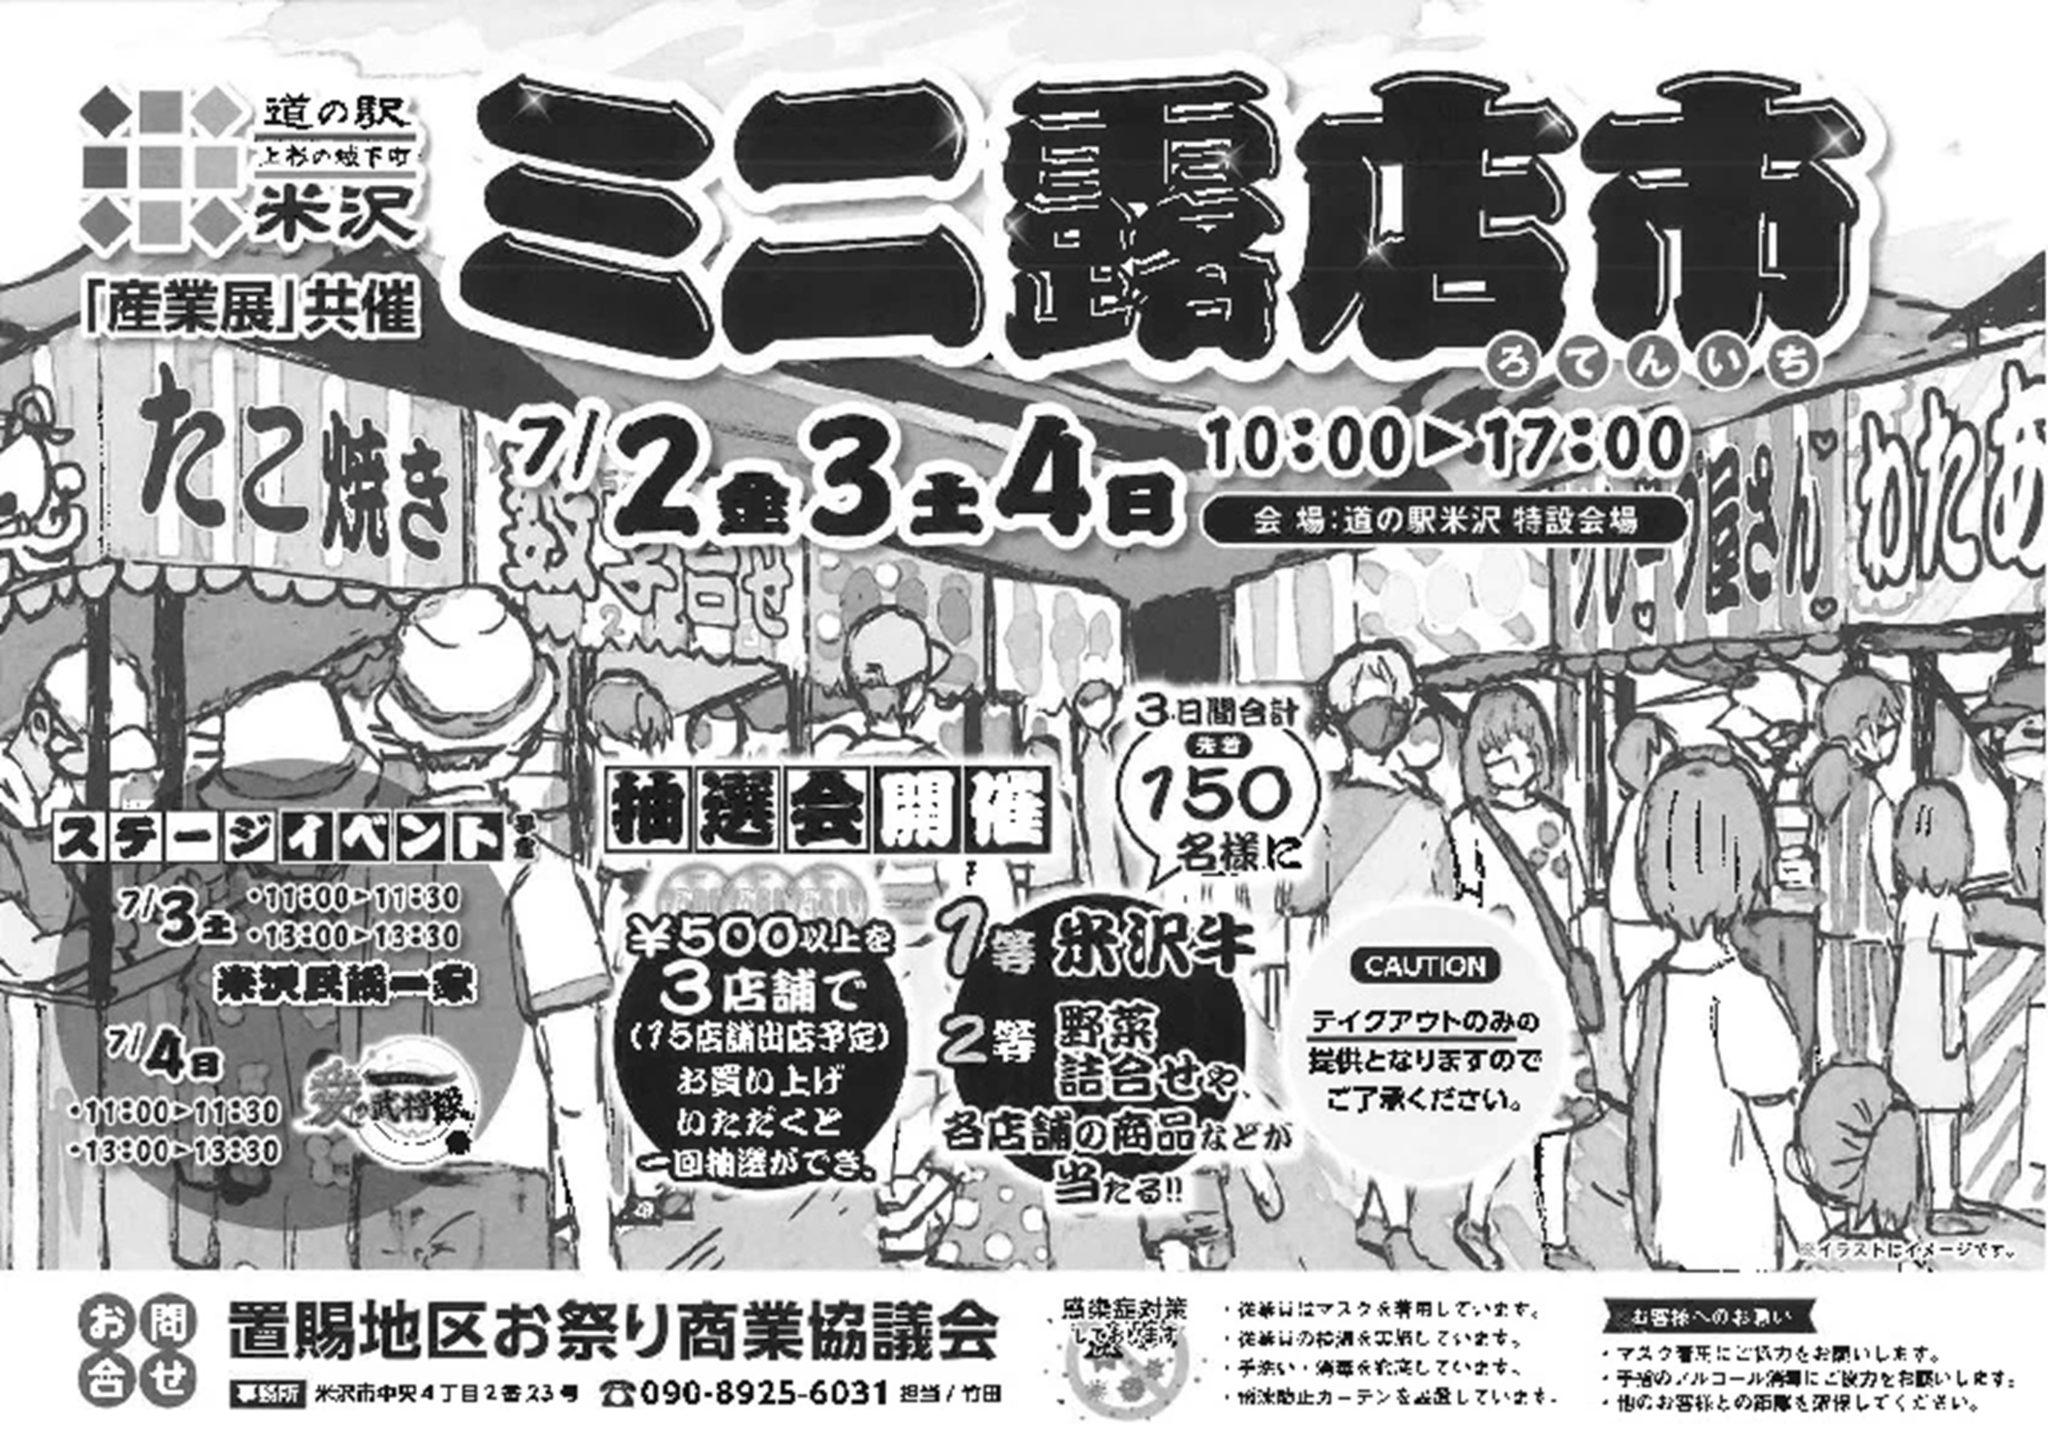 道の駅 米沢 ミニ露店市